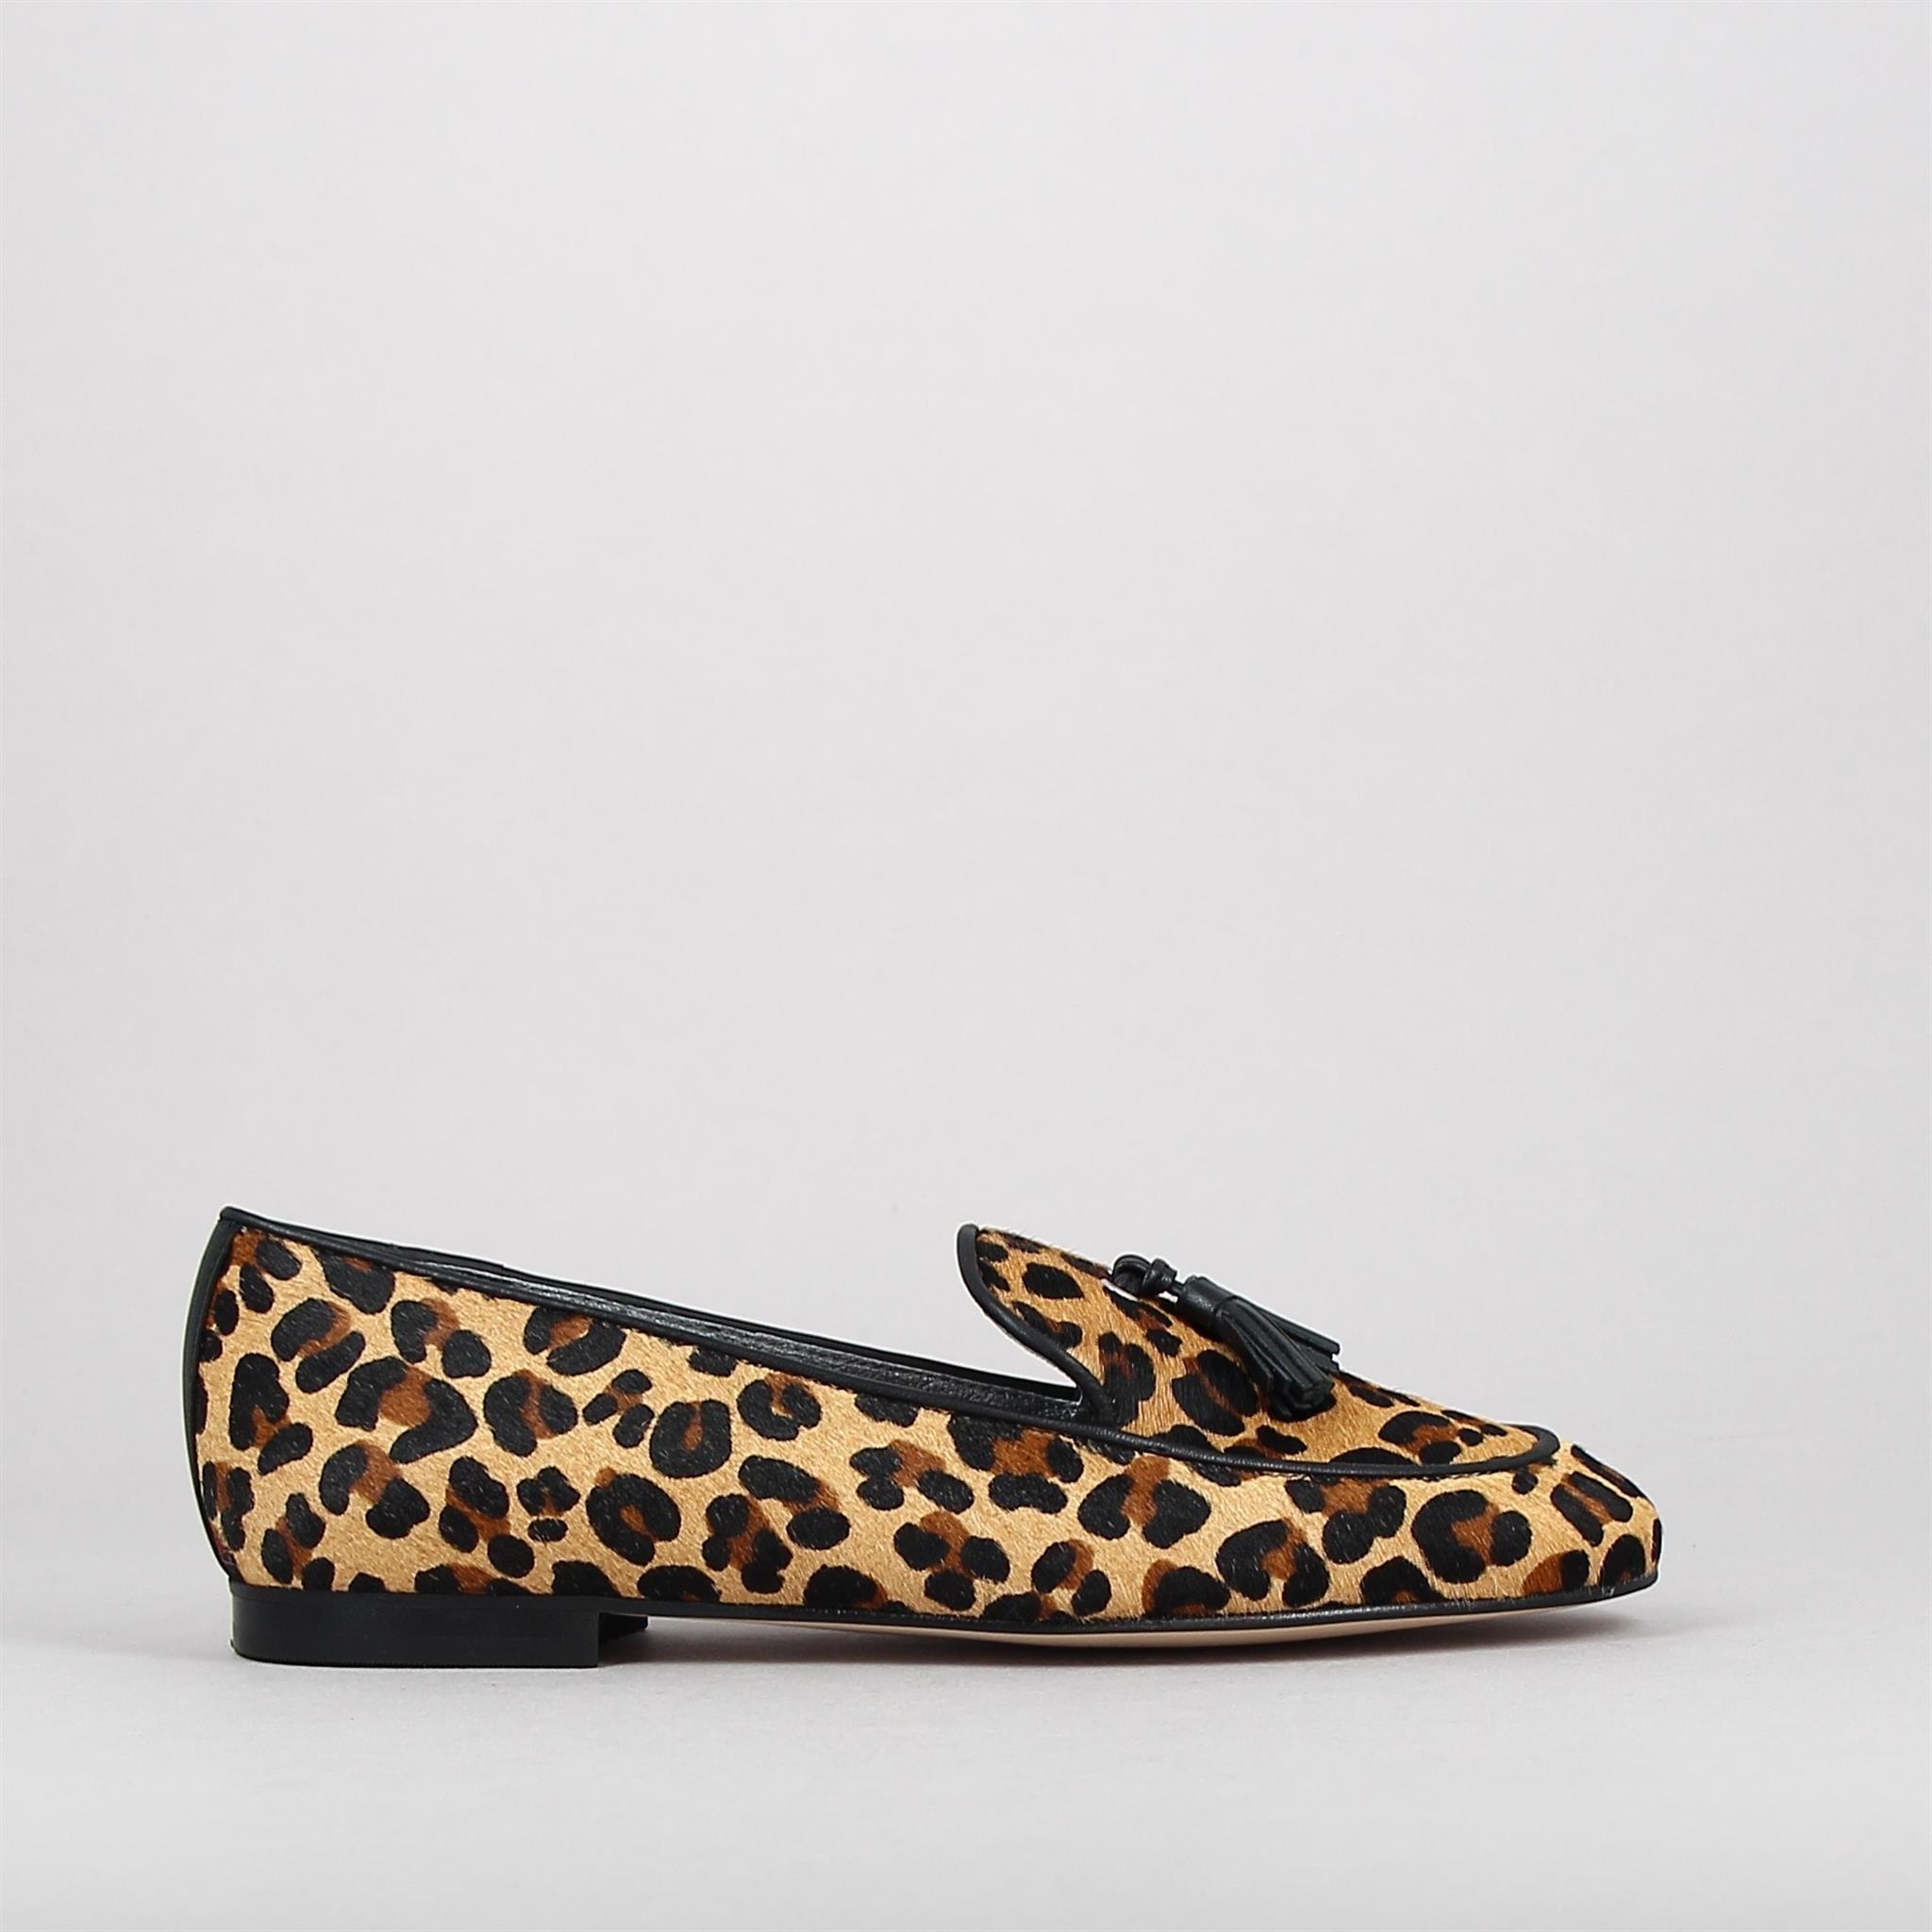 9206-leopard-156254210-0.jpg